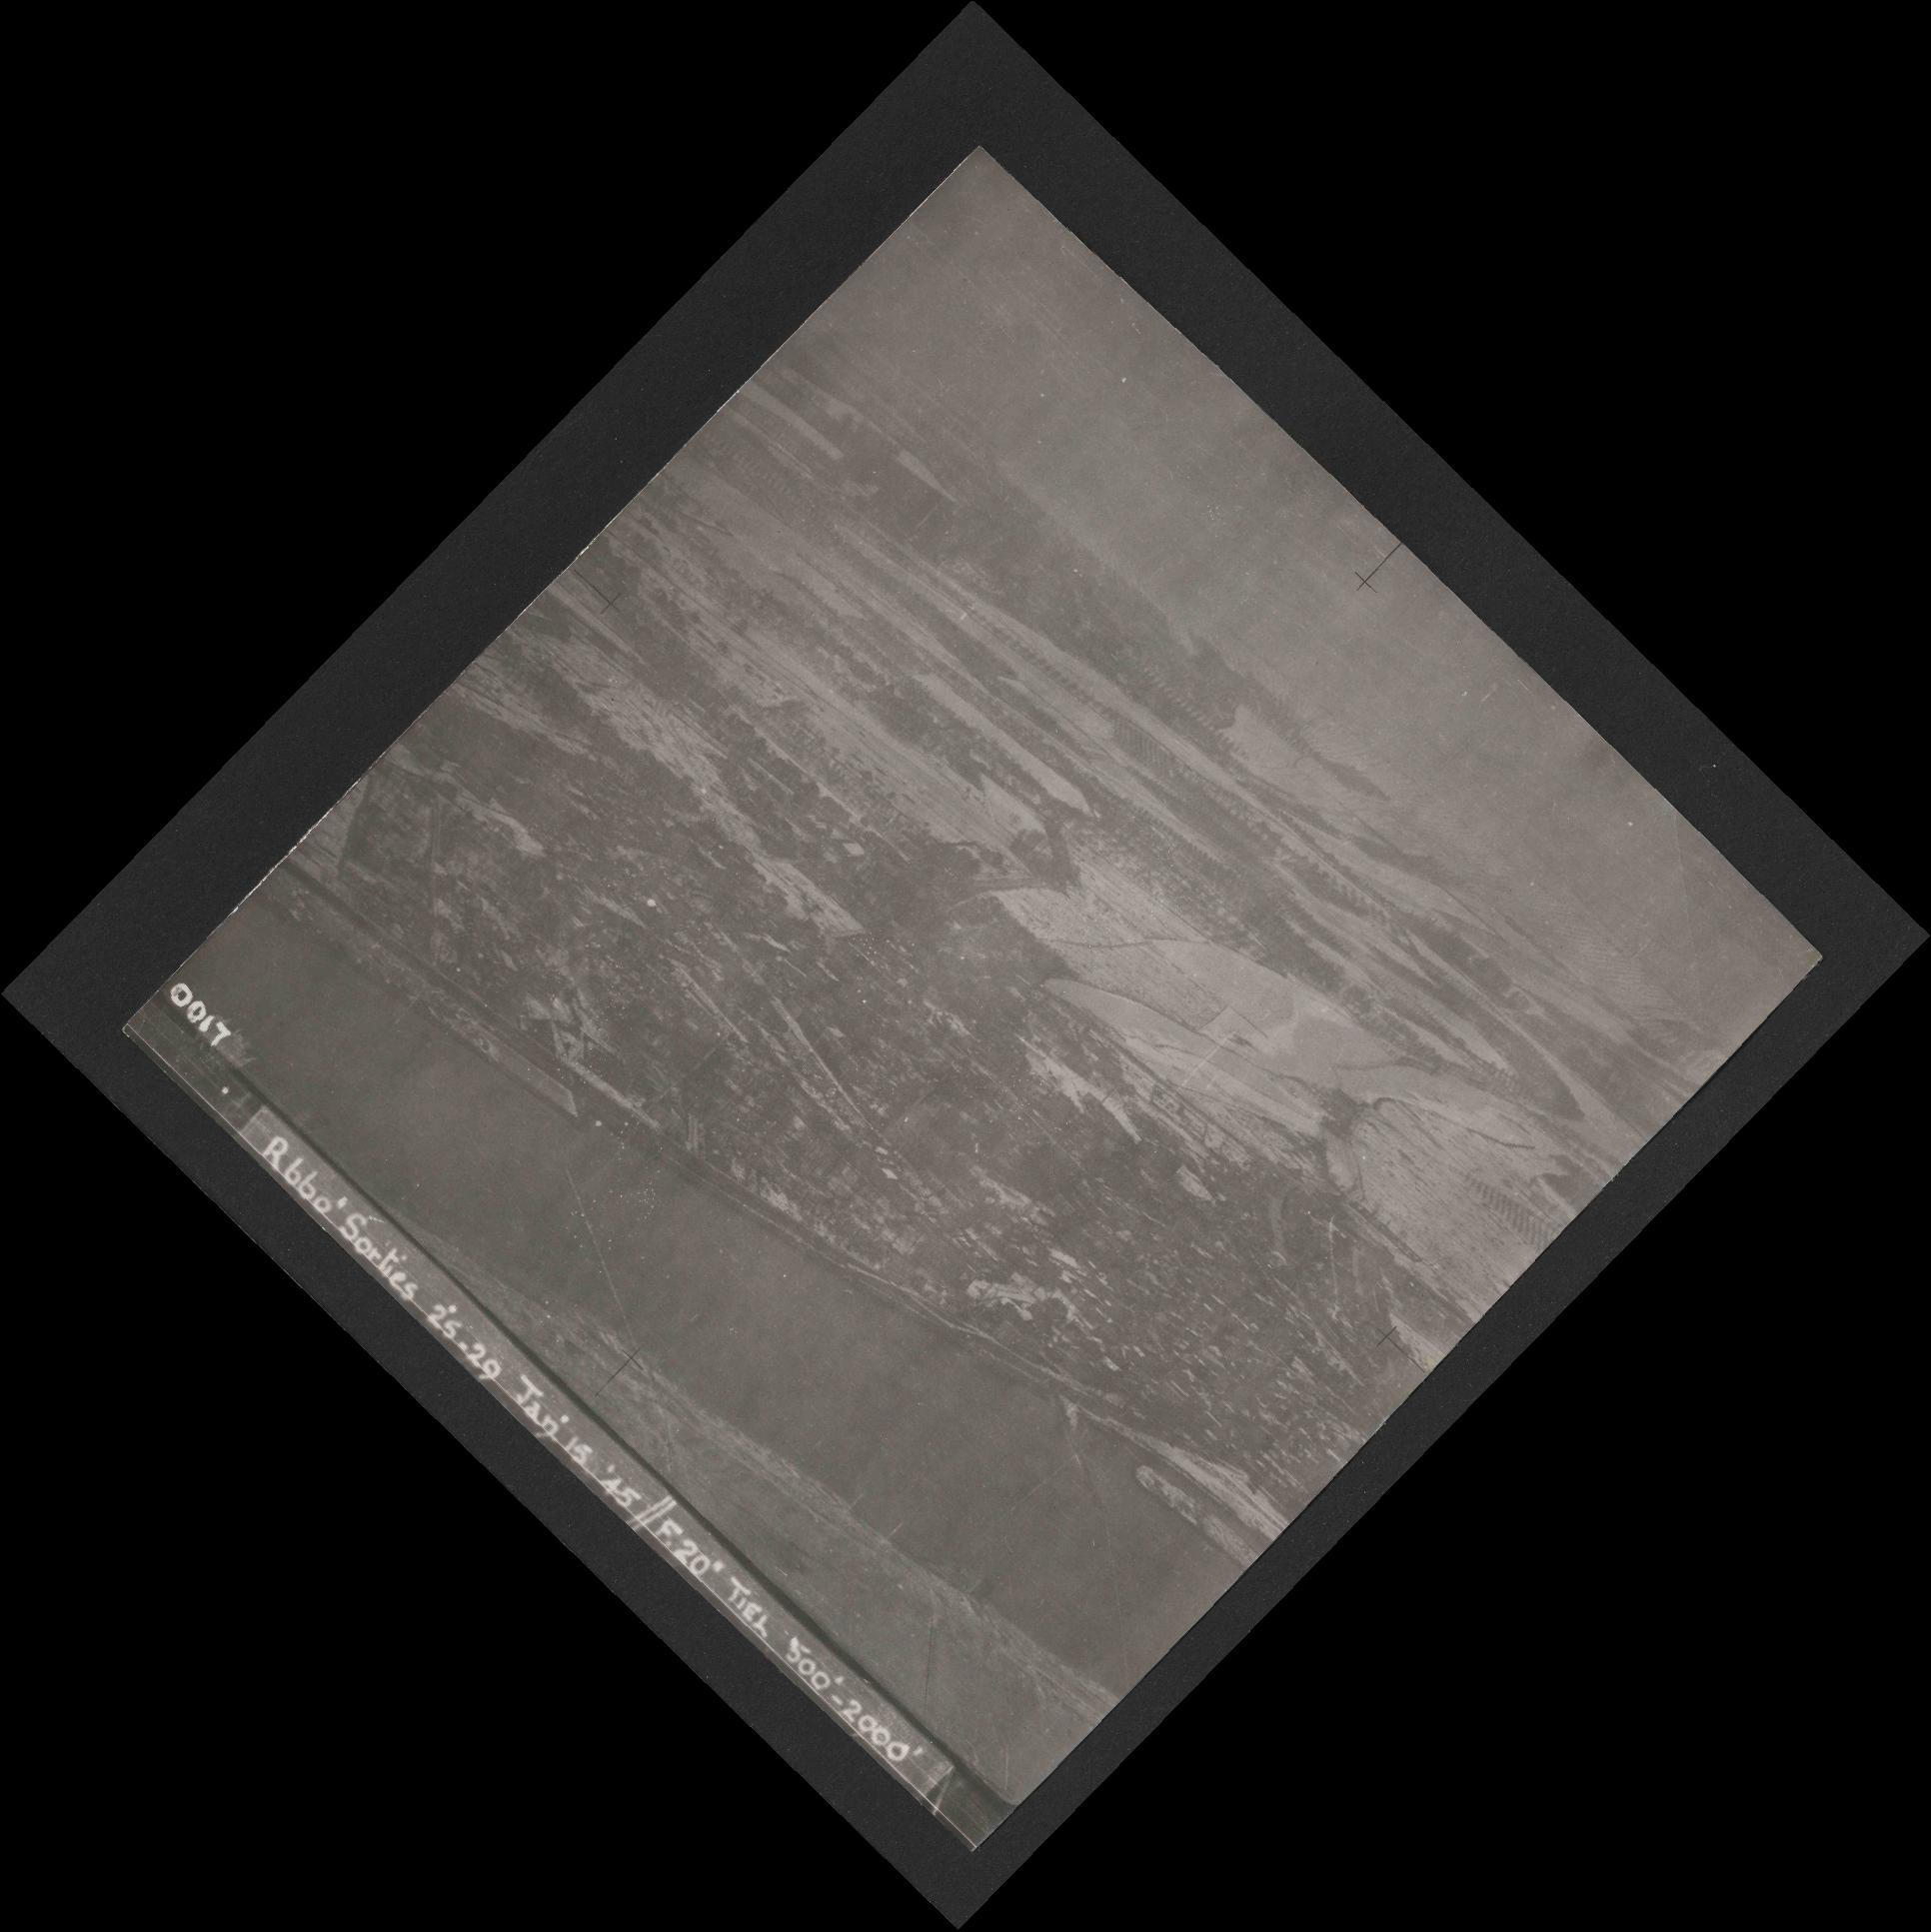 Collection RAF aerial photos 1940-1945 - flight 537, run 01, photo 0017